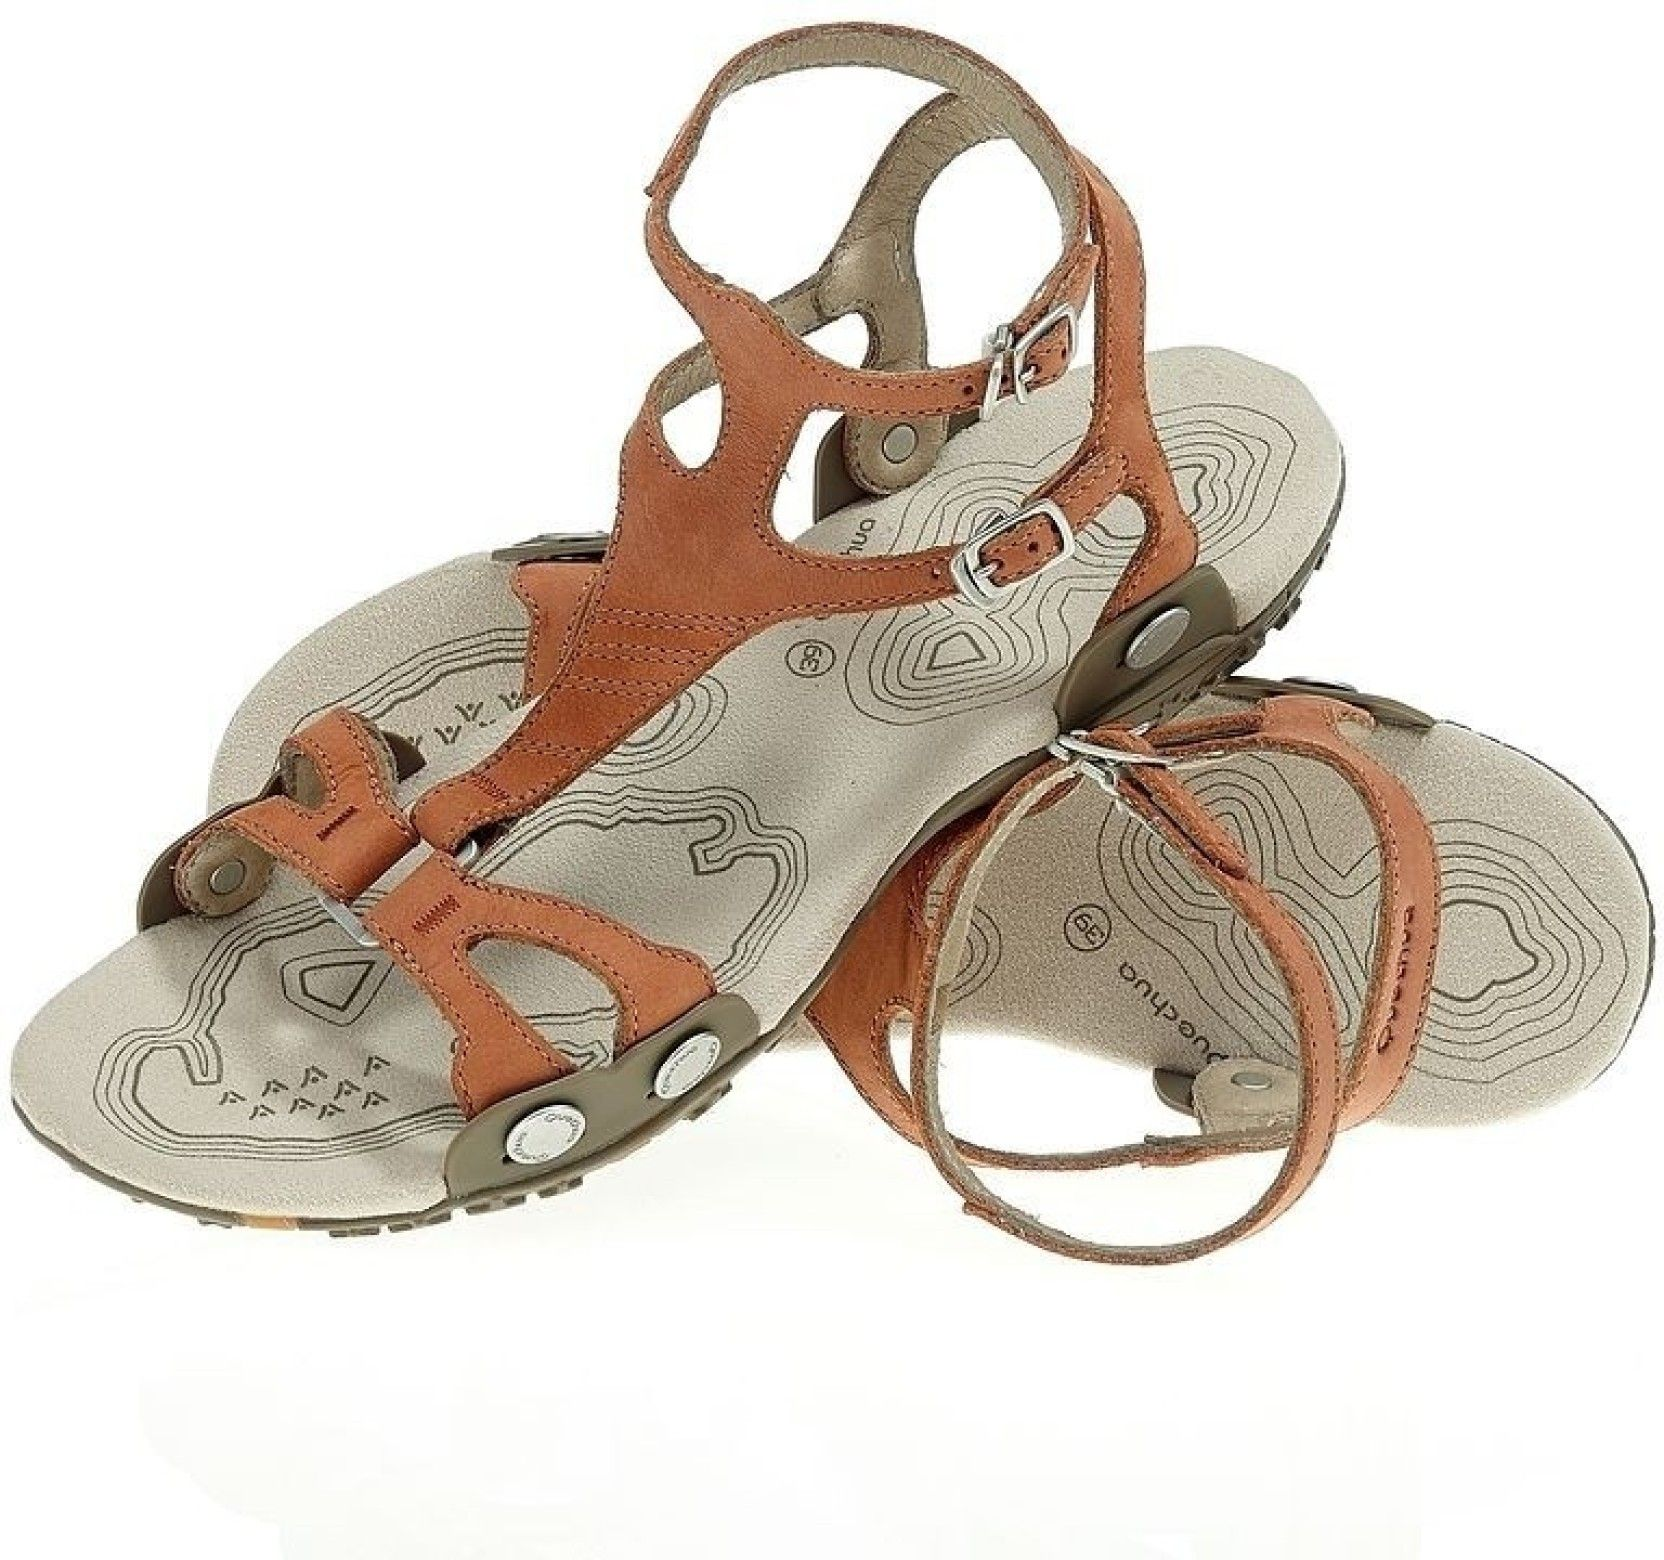 Womens sandals flipkart - Quechua Men Brown White Sandals Buy 42 Brown Color Quechua Men Brown